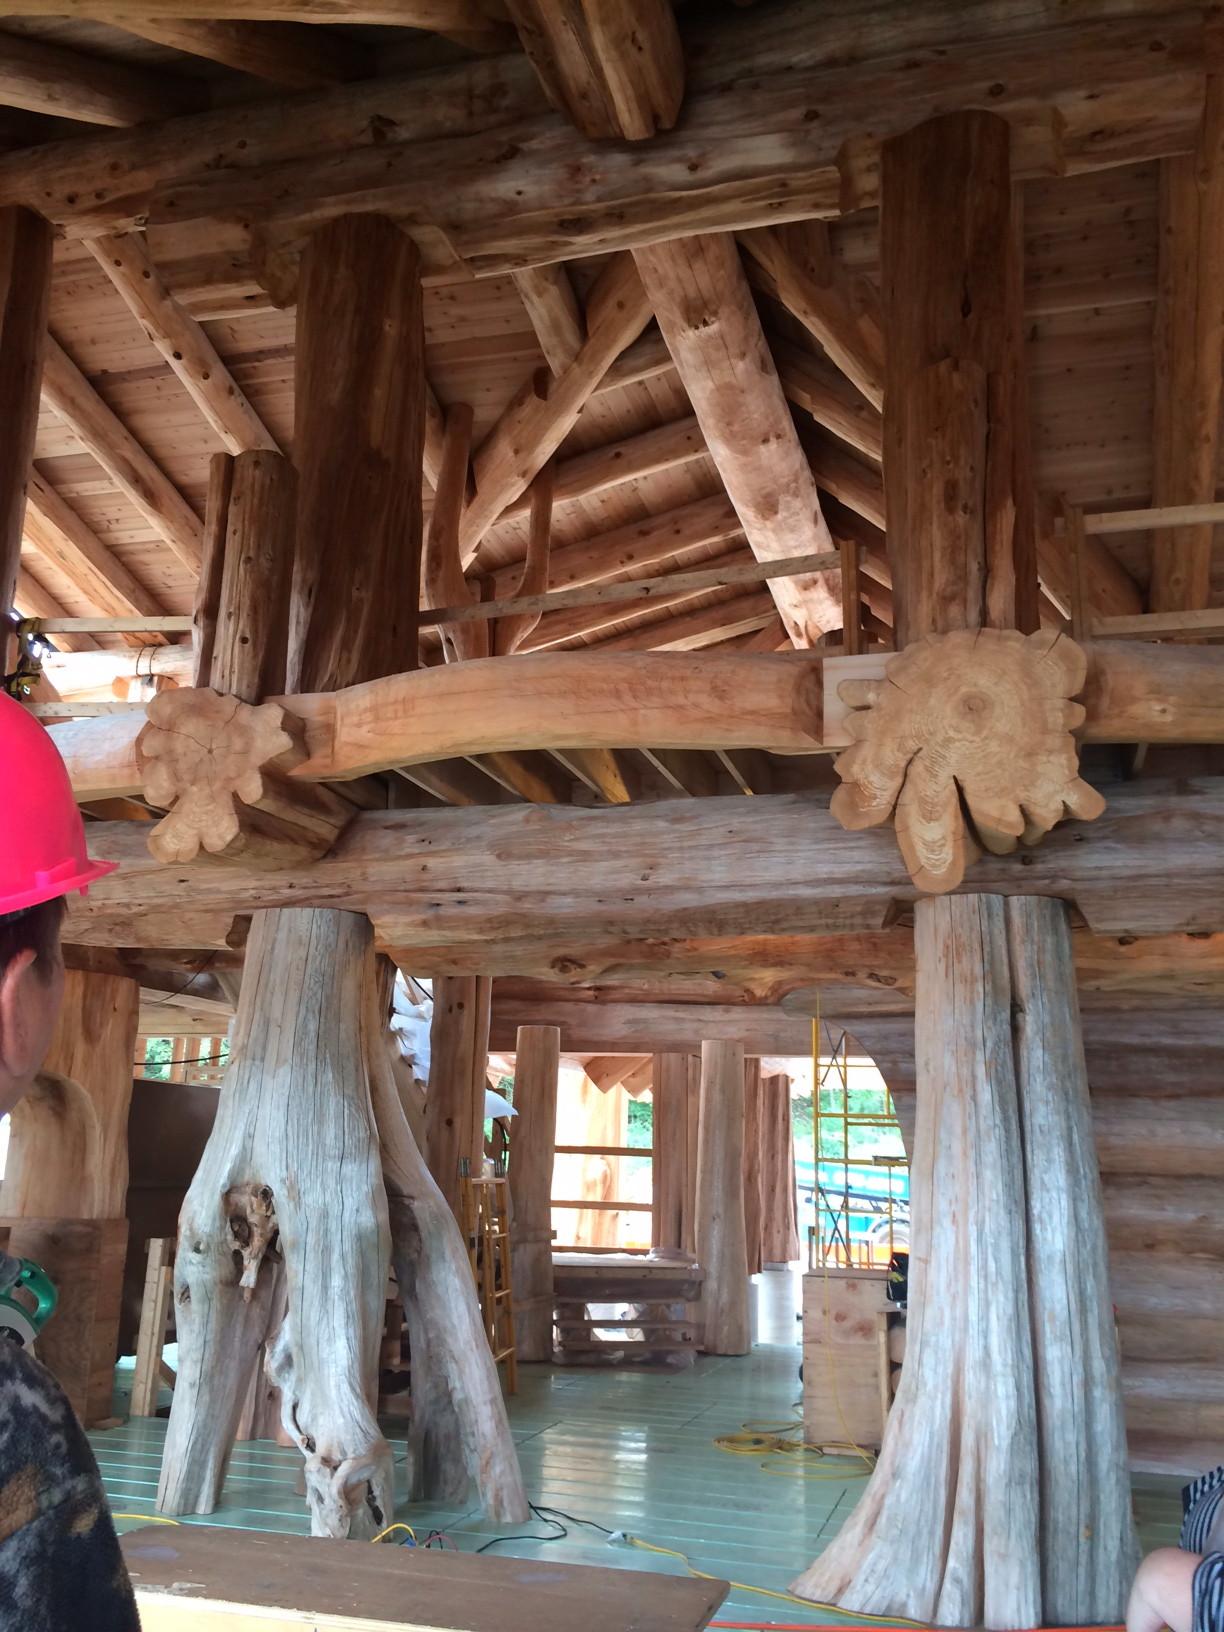 Tree Trunks Inside Log Home